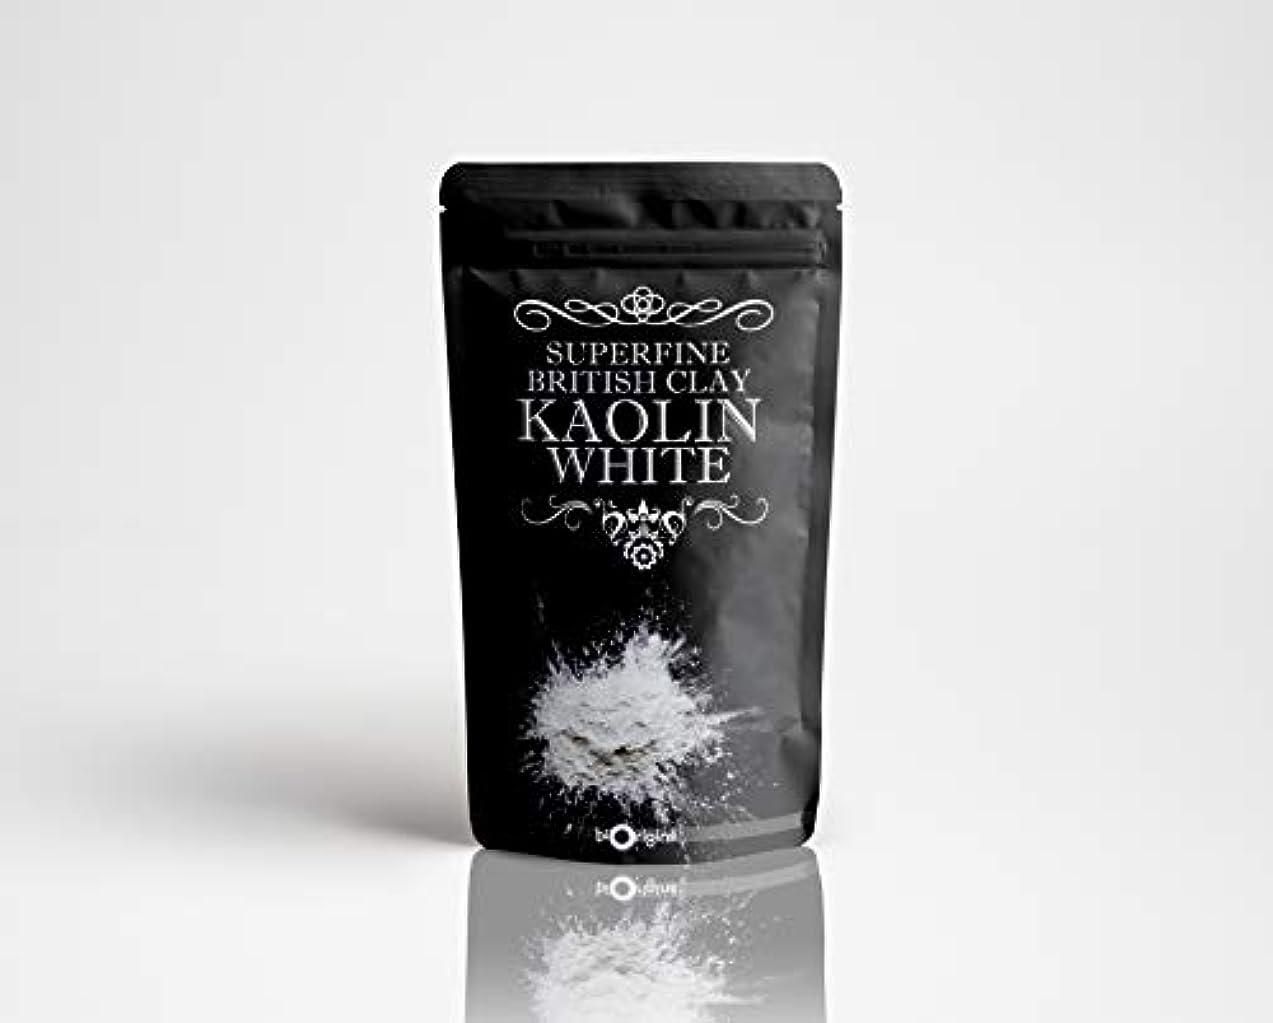 スカイ発明外科医Kaolin White Superfine British Clay - 100g